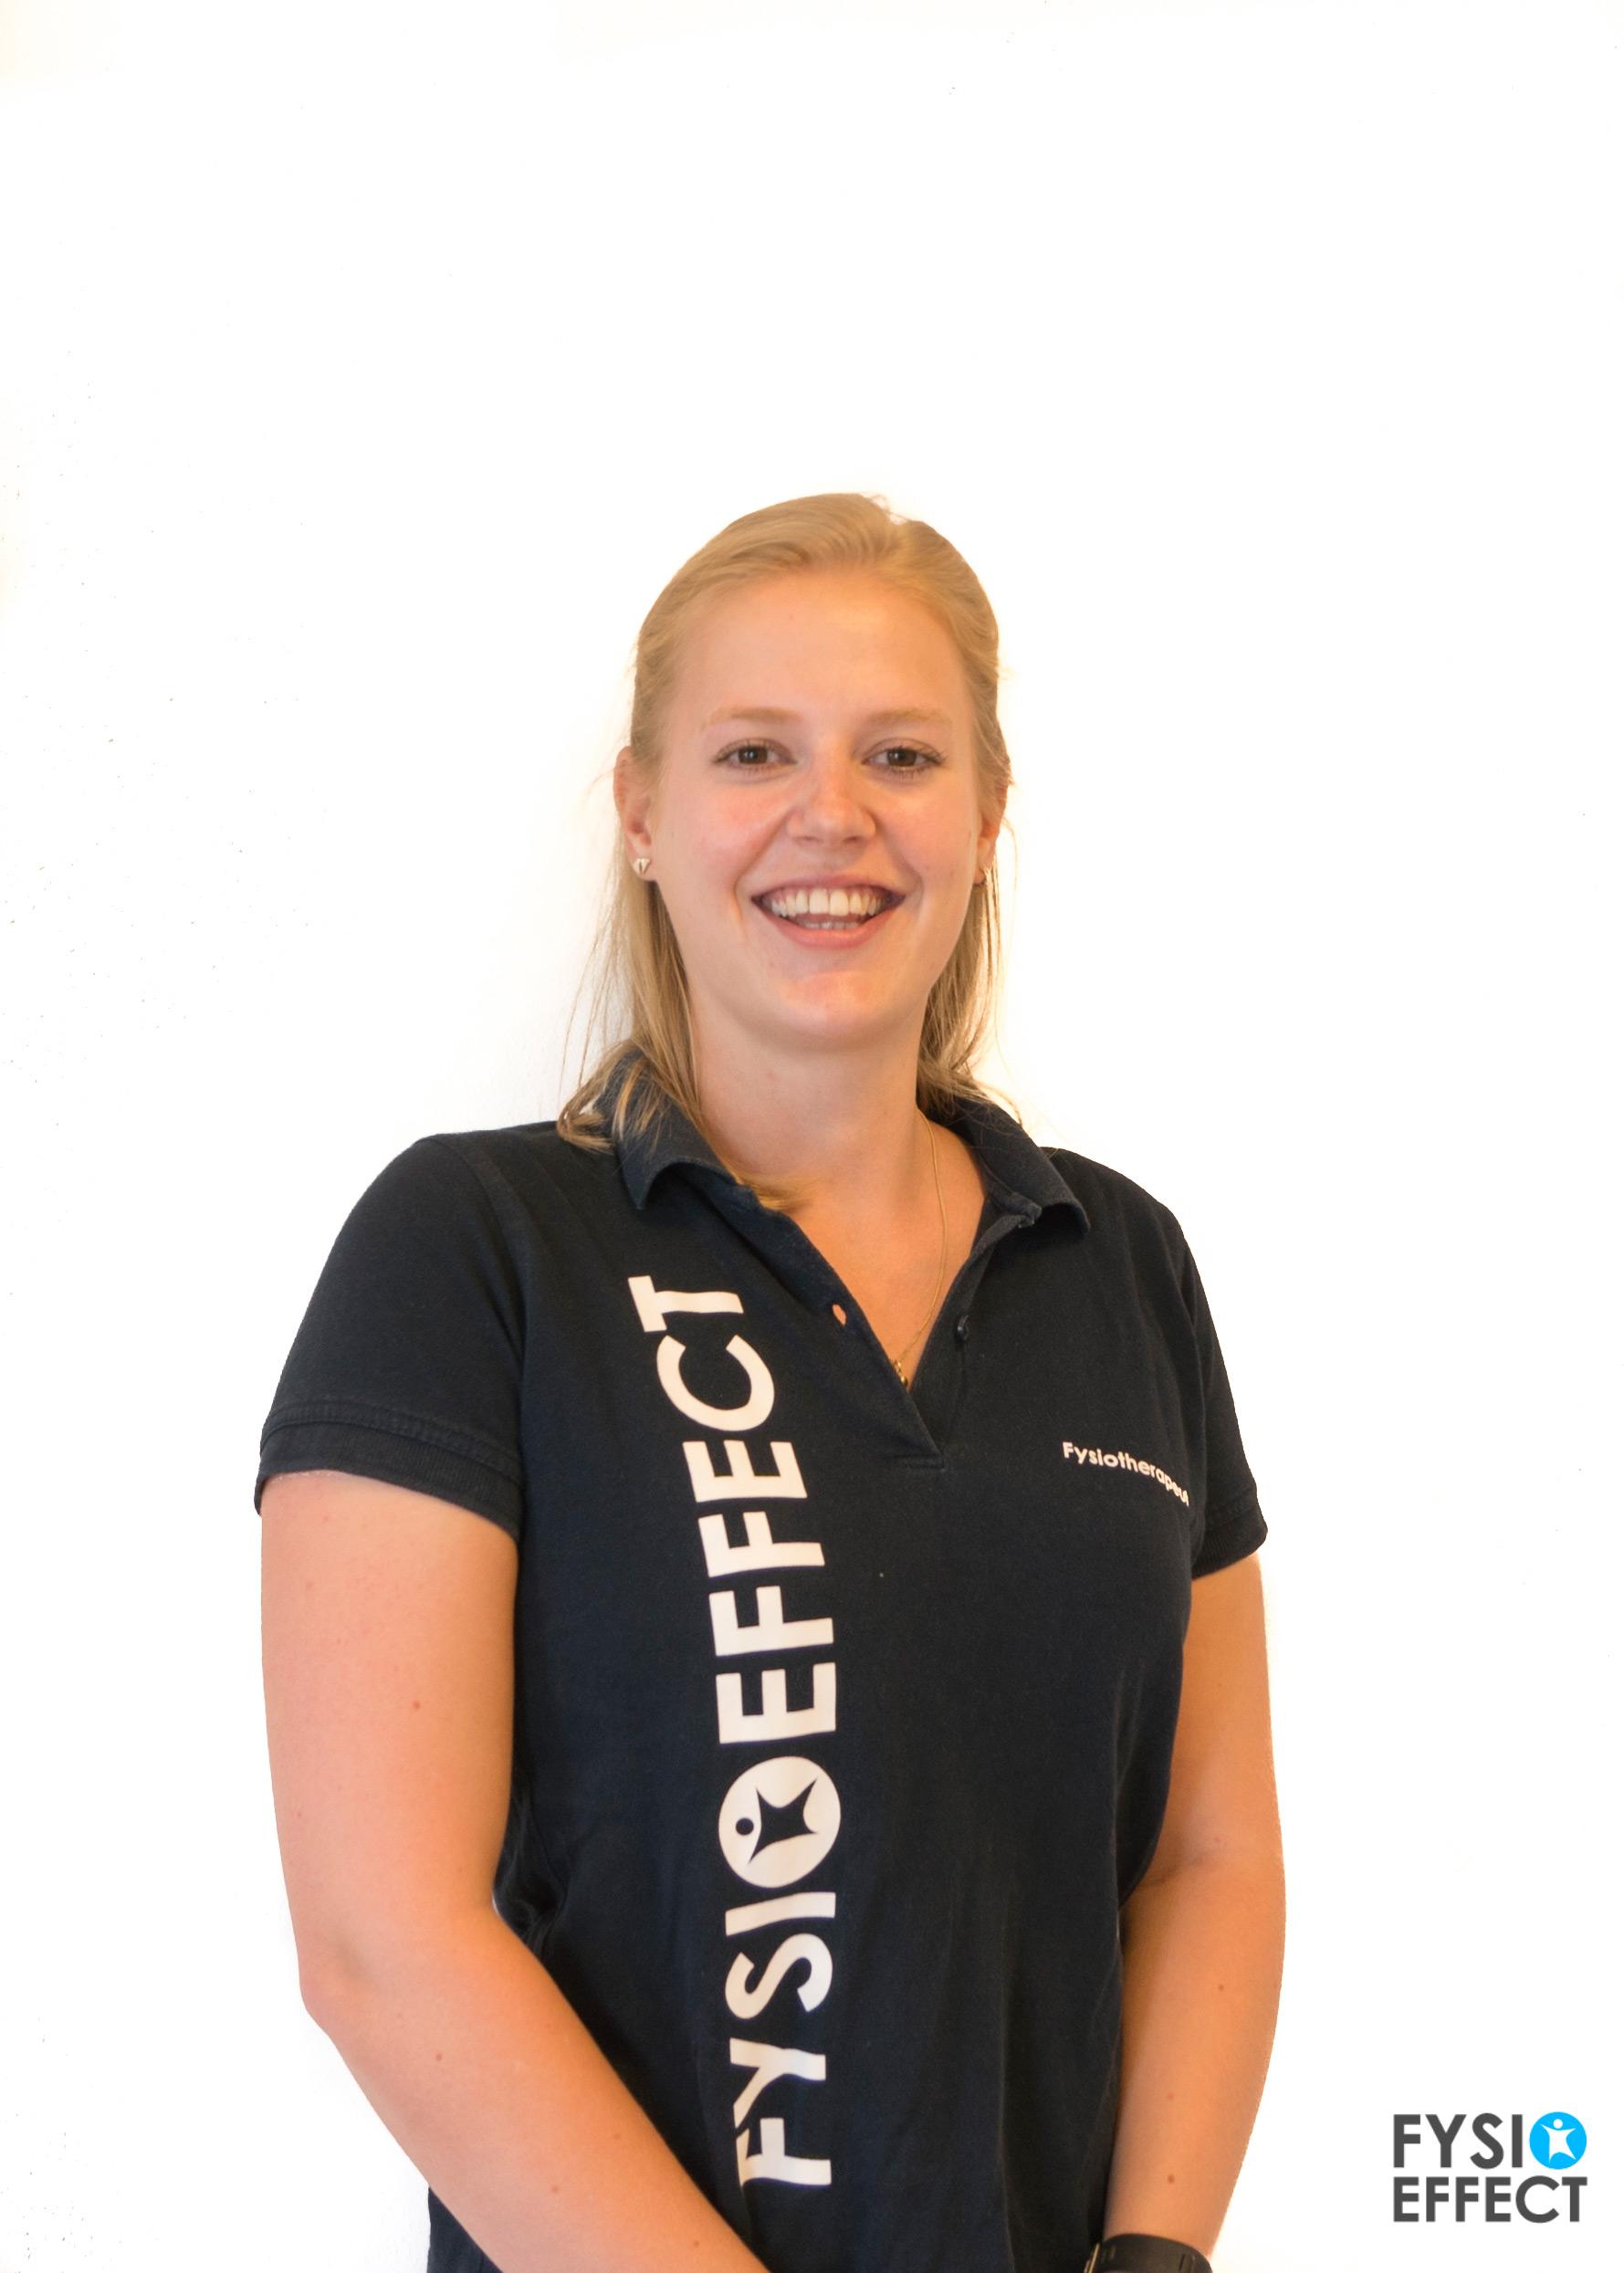 Lucie van Berge Henegouwe